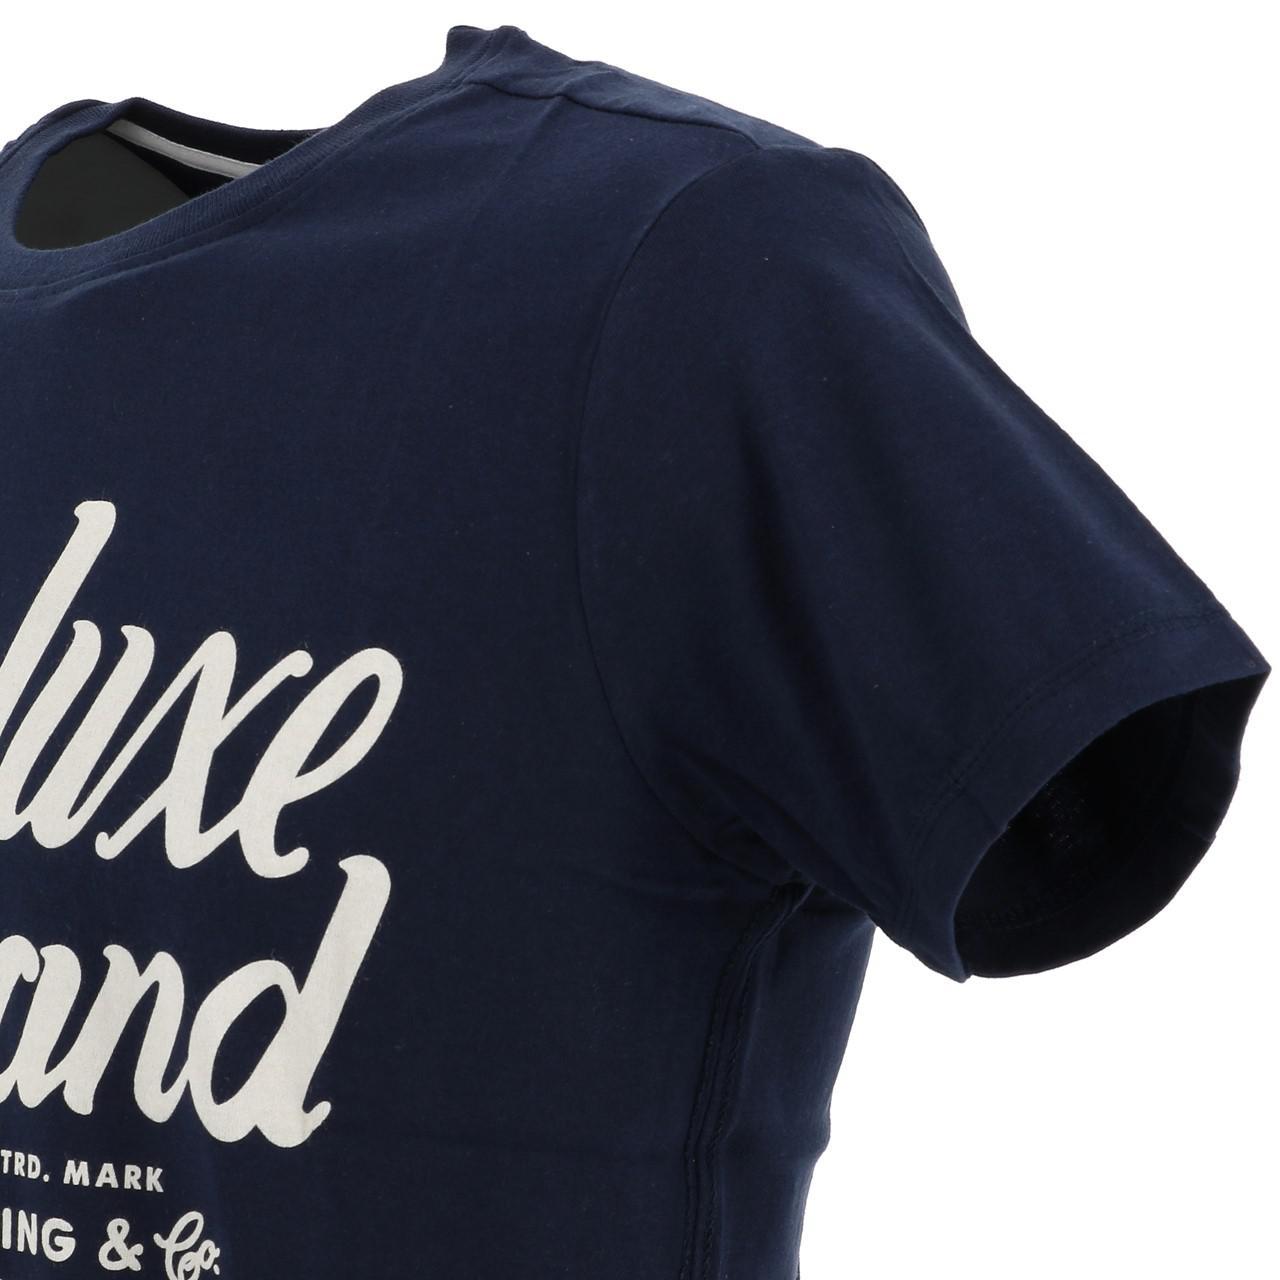 Neuf Tee shirt manches courtes Deeluxe Matters navy mc tee sp2 Bleu 17452